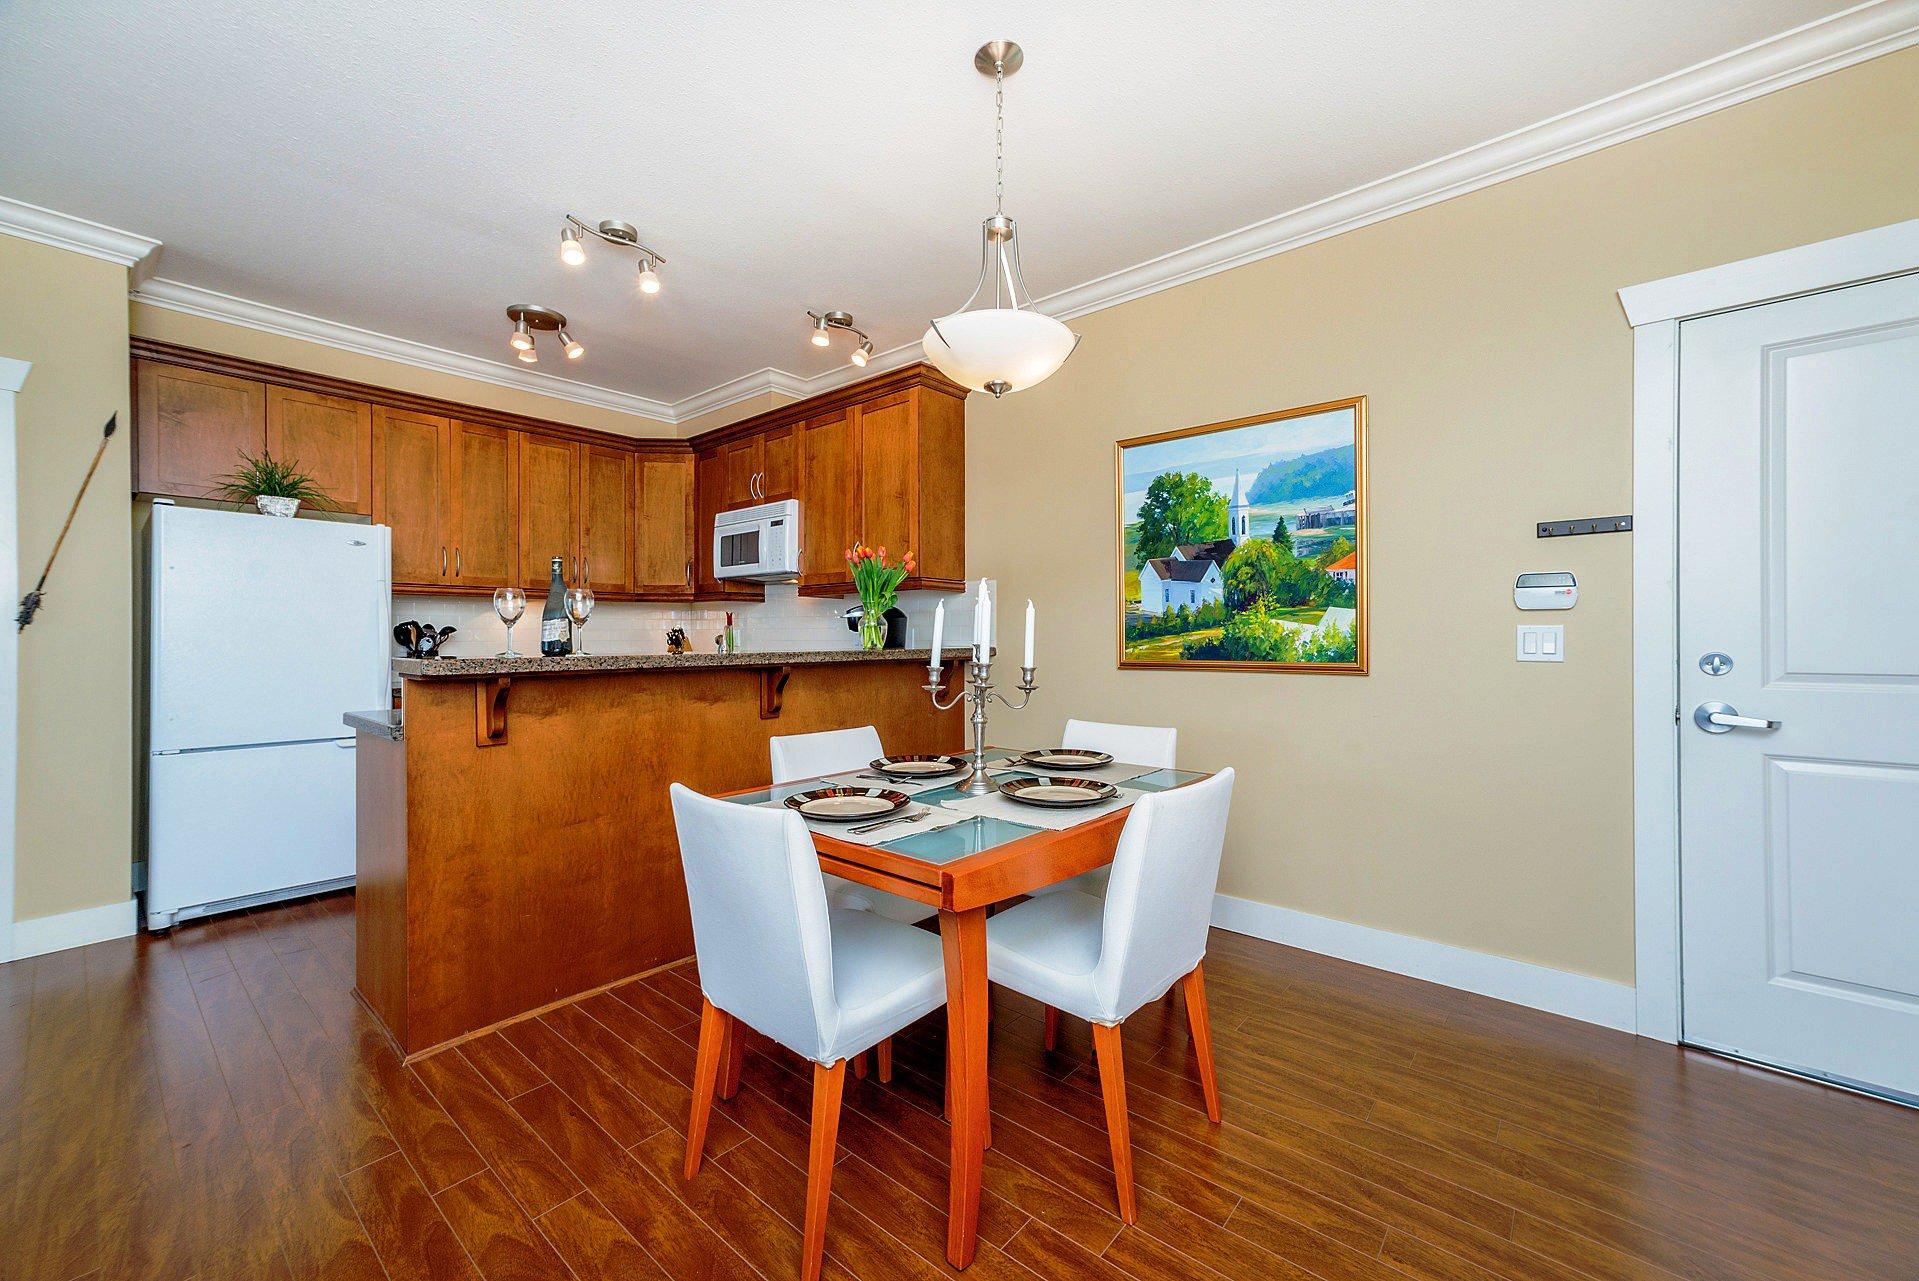 """Photo 5: Photos: 408 15368 17A Avenue in Surrey: King George Corridor Condo for sale in """"OCEAN WYNDE"""" (South Surrey White Rock)  : MLS®# R2249492"""